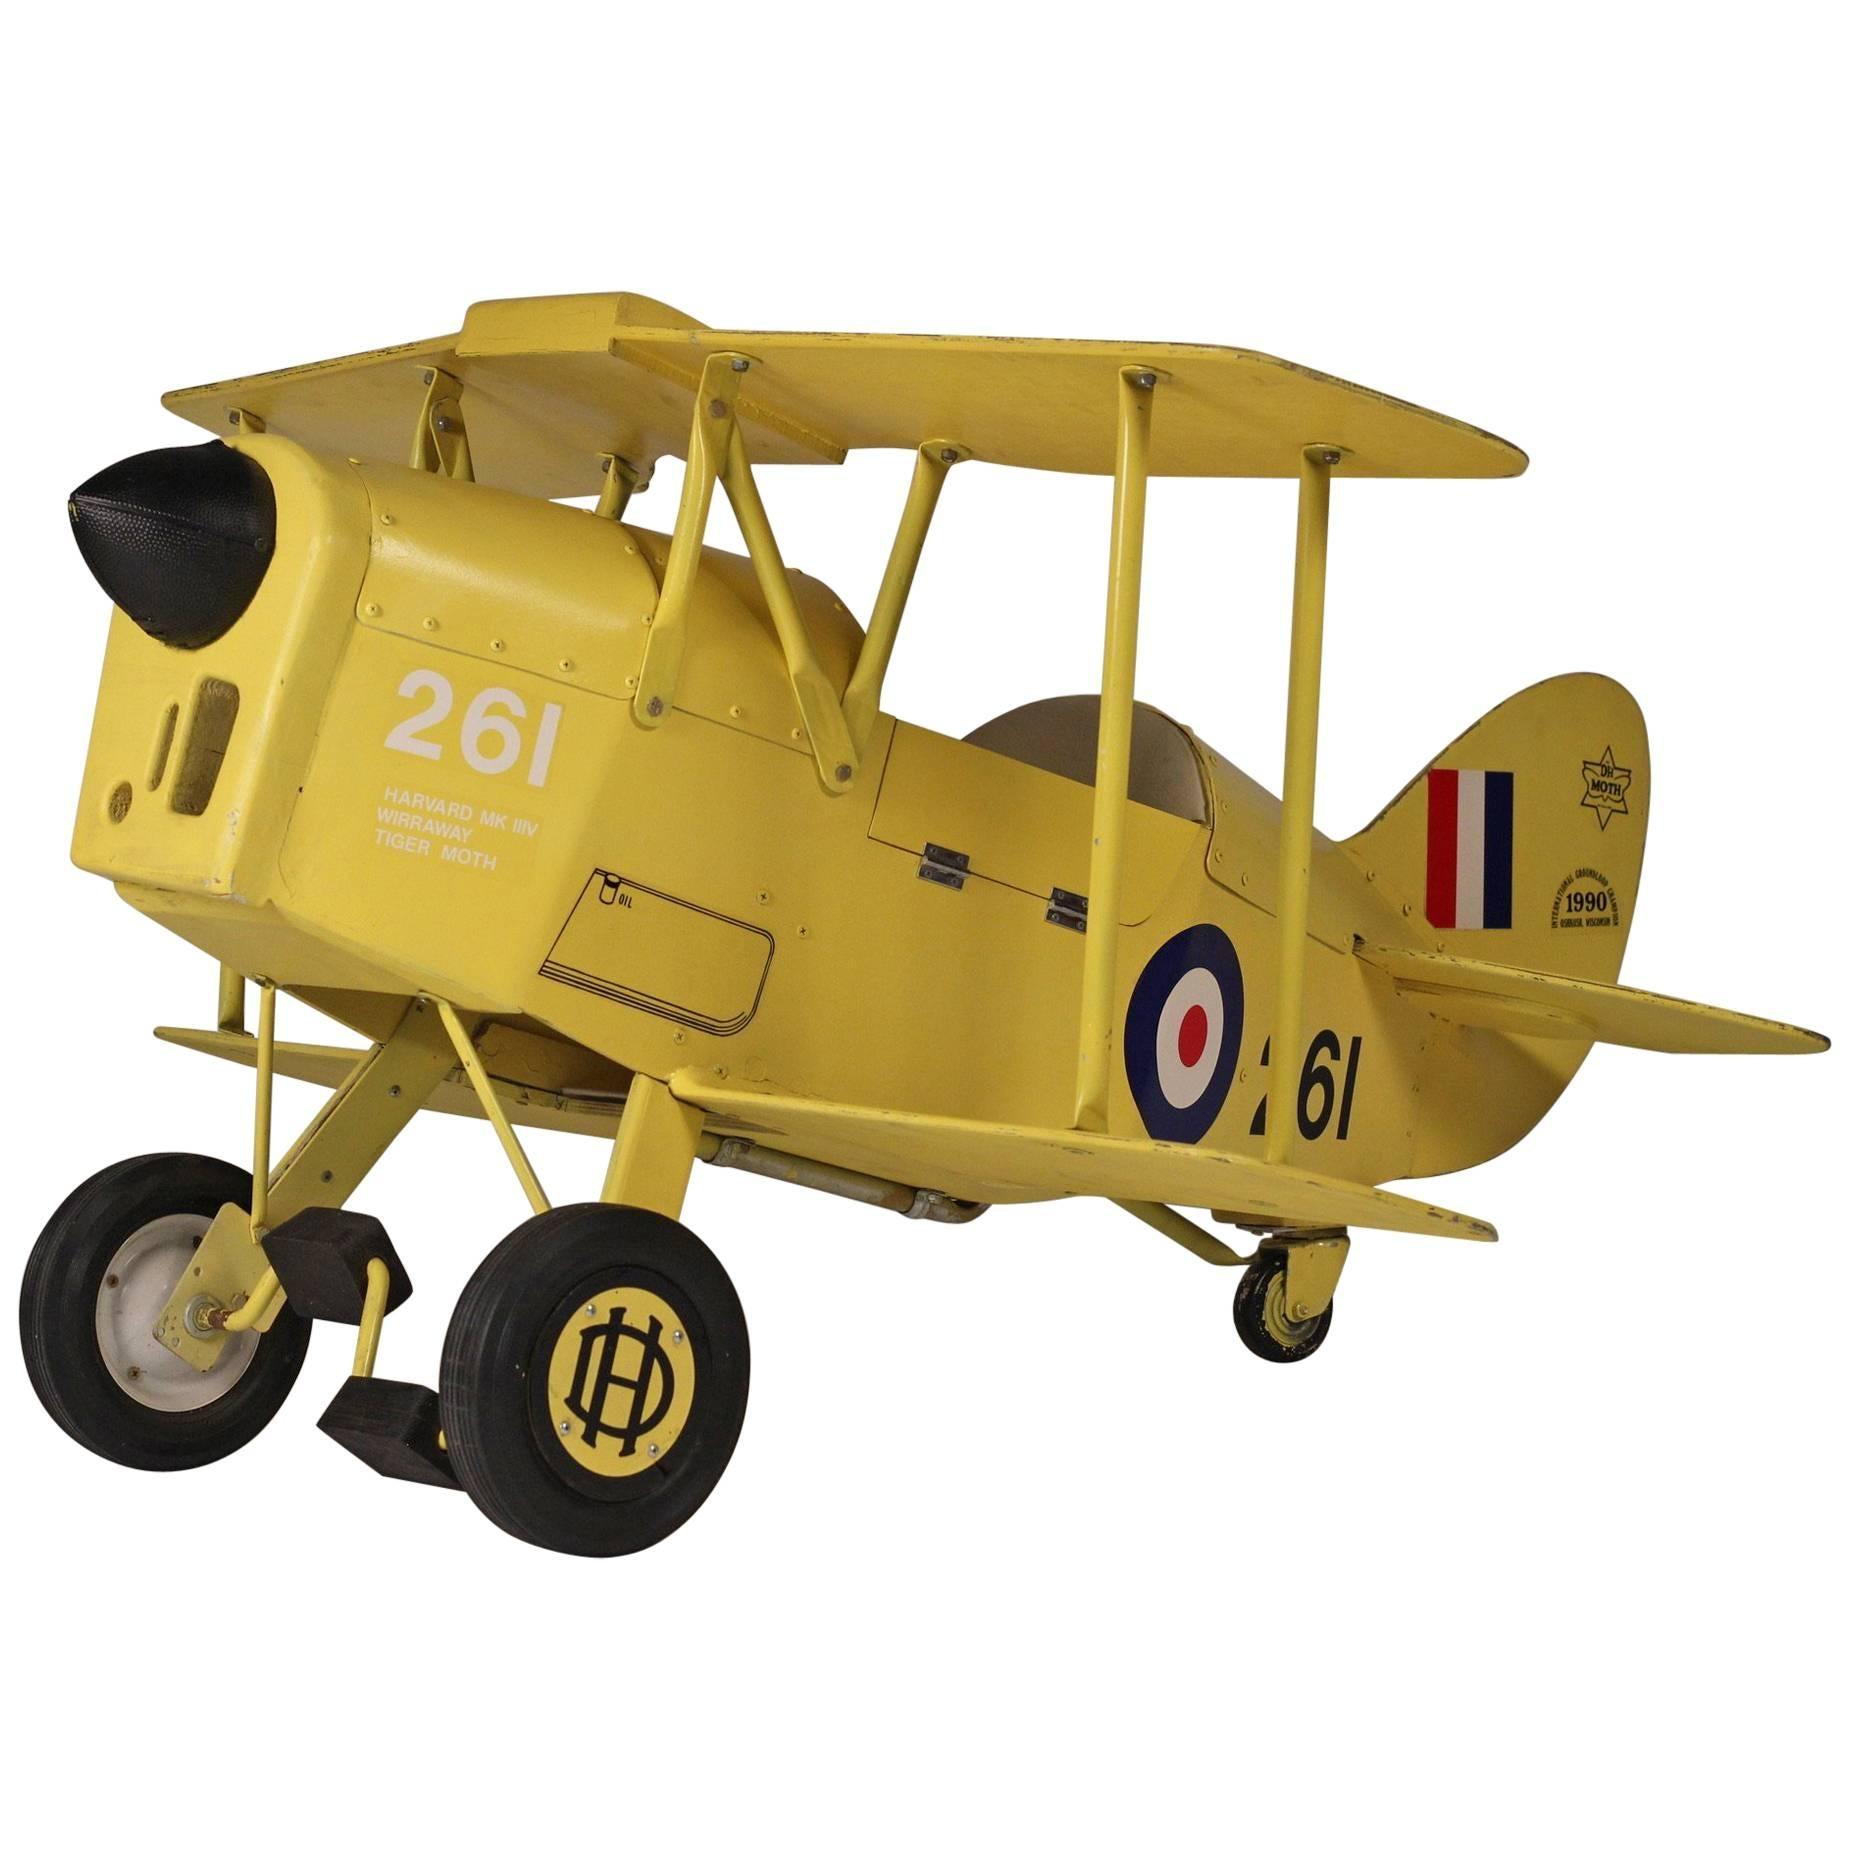 Vintage Pedal Bi Plane Car For Sale at 1stdibs